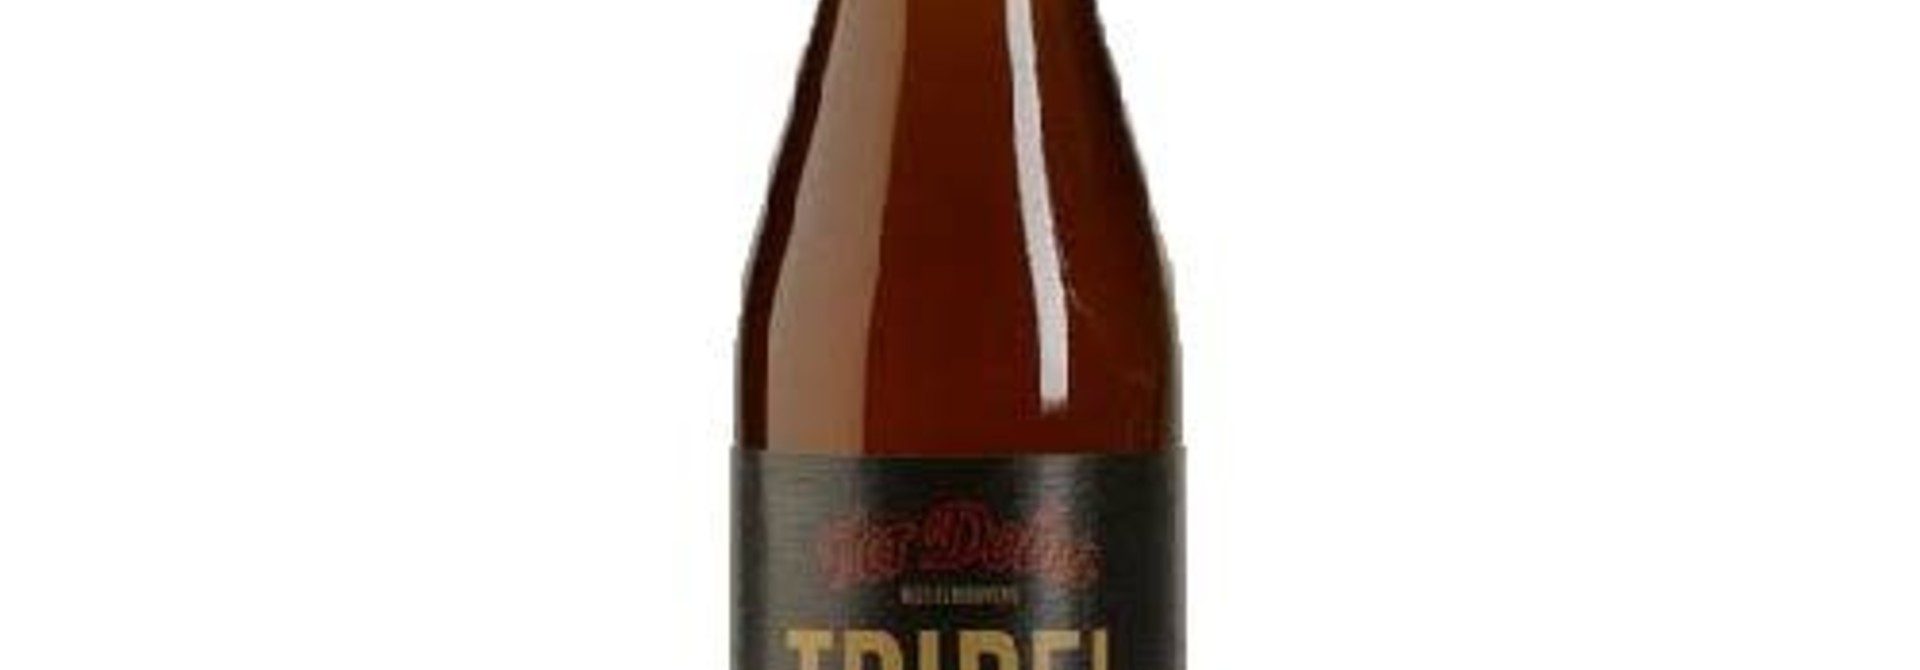 TER DOLEN TRIPEL 33CL